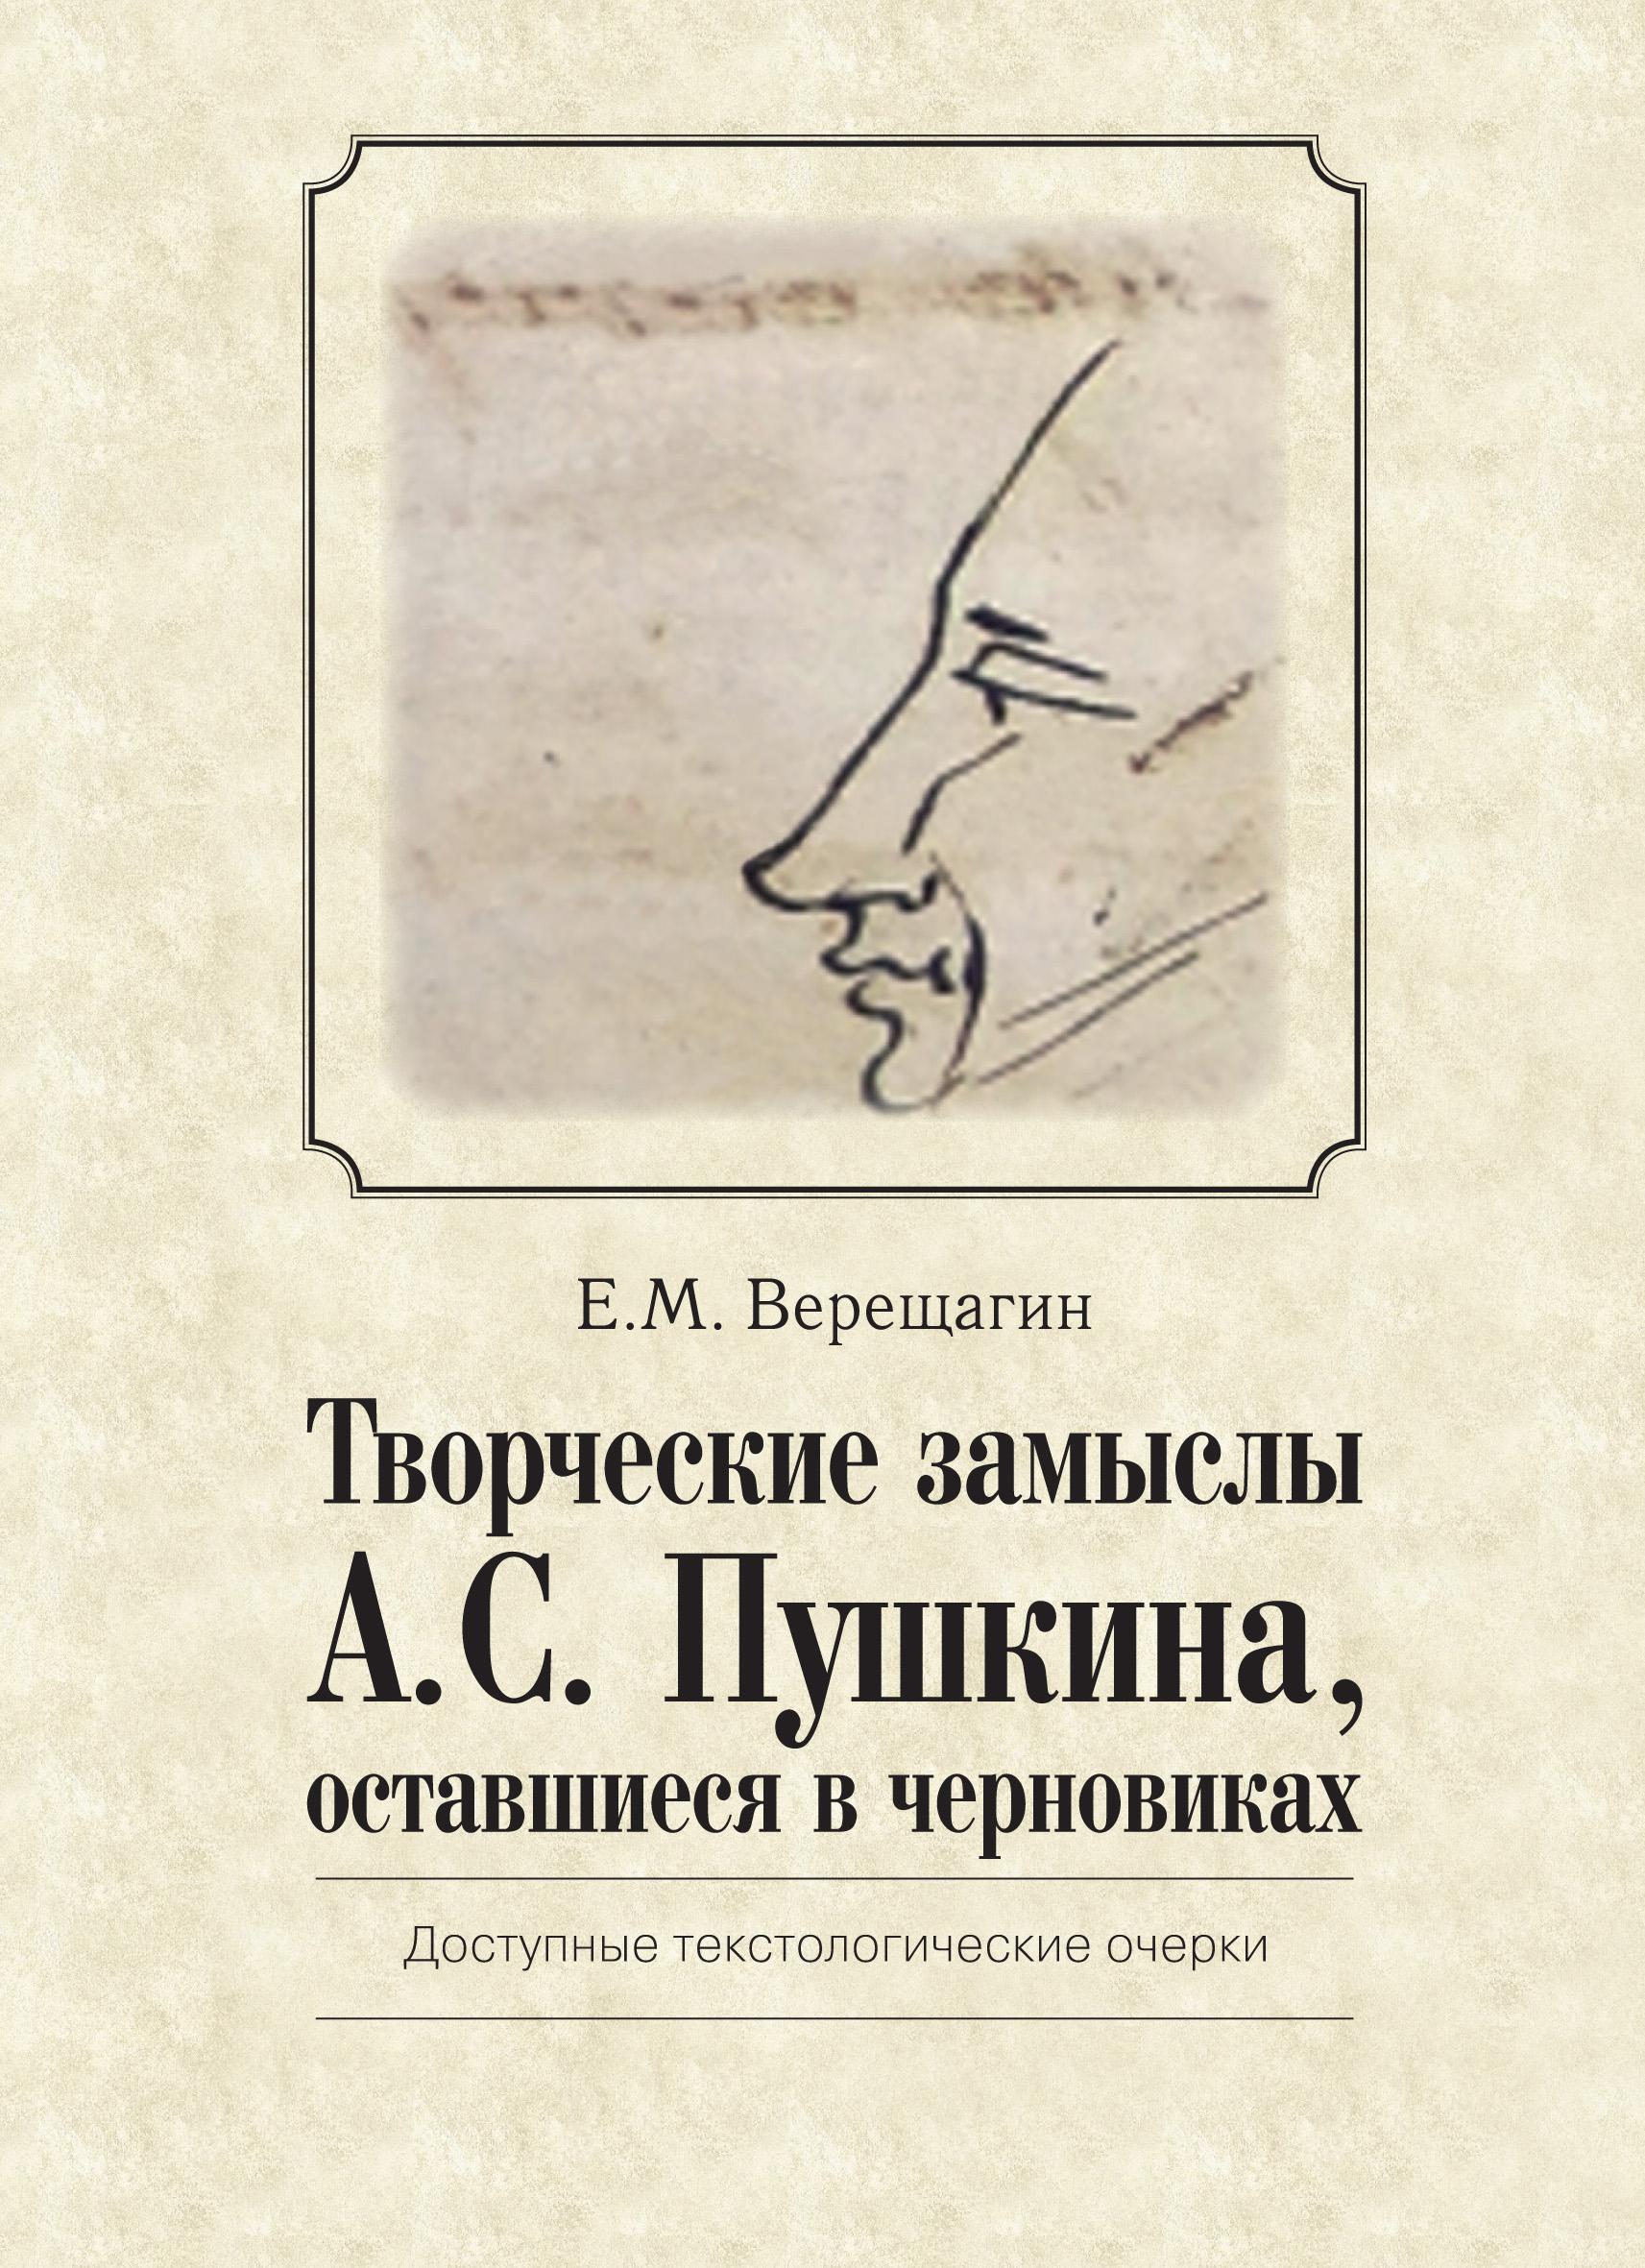 Творческие замыслы А.С. Пушкина, оставшиеся в черновиках. Доступные текстологические очерки